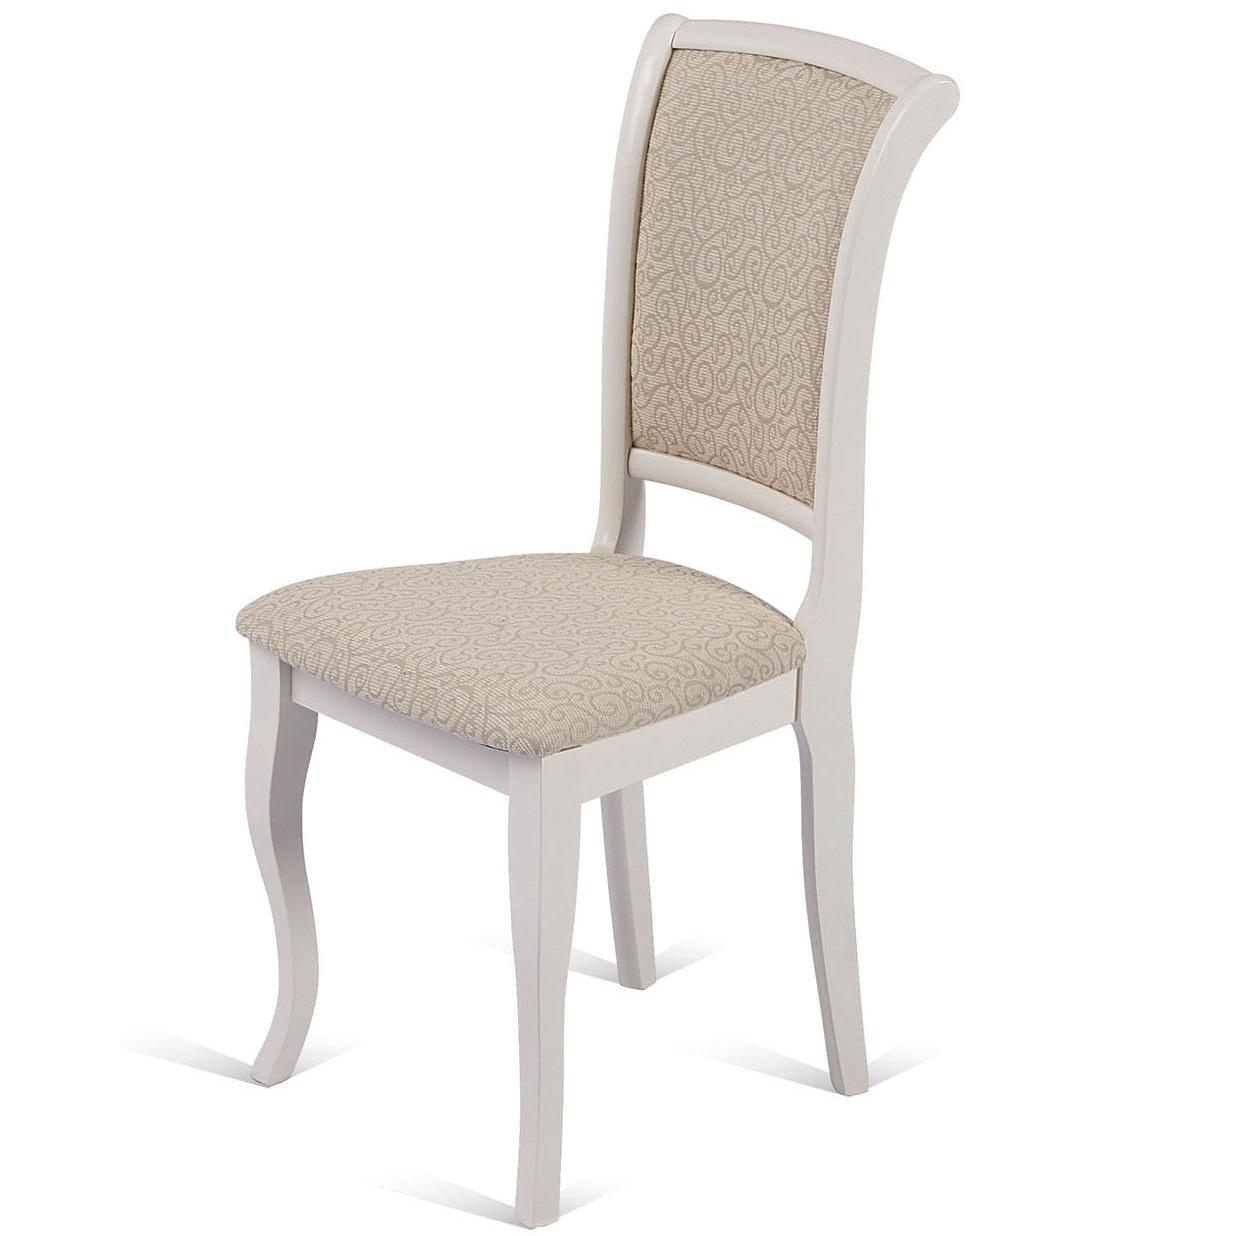 Деревянный стул на кухню цвет слоновая кость BUTTER WHITE (арт. М3241)